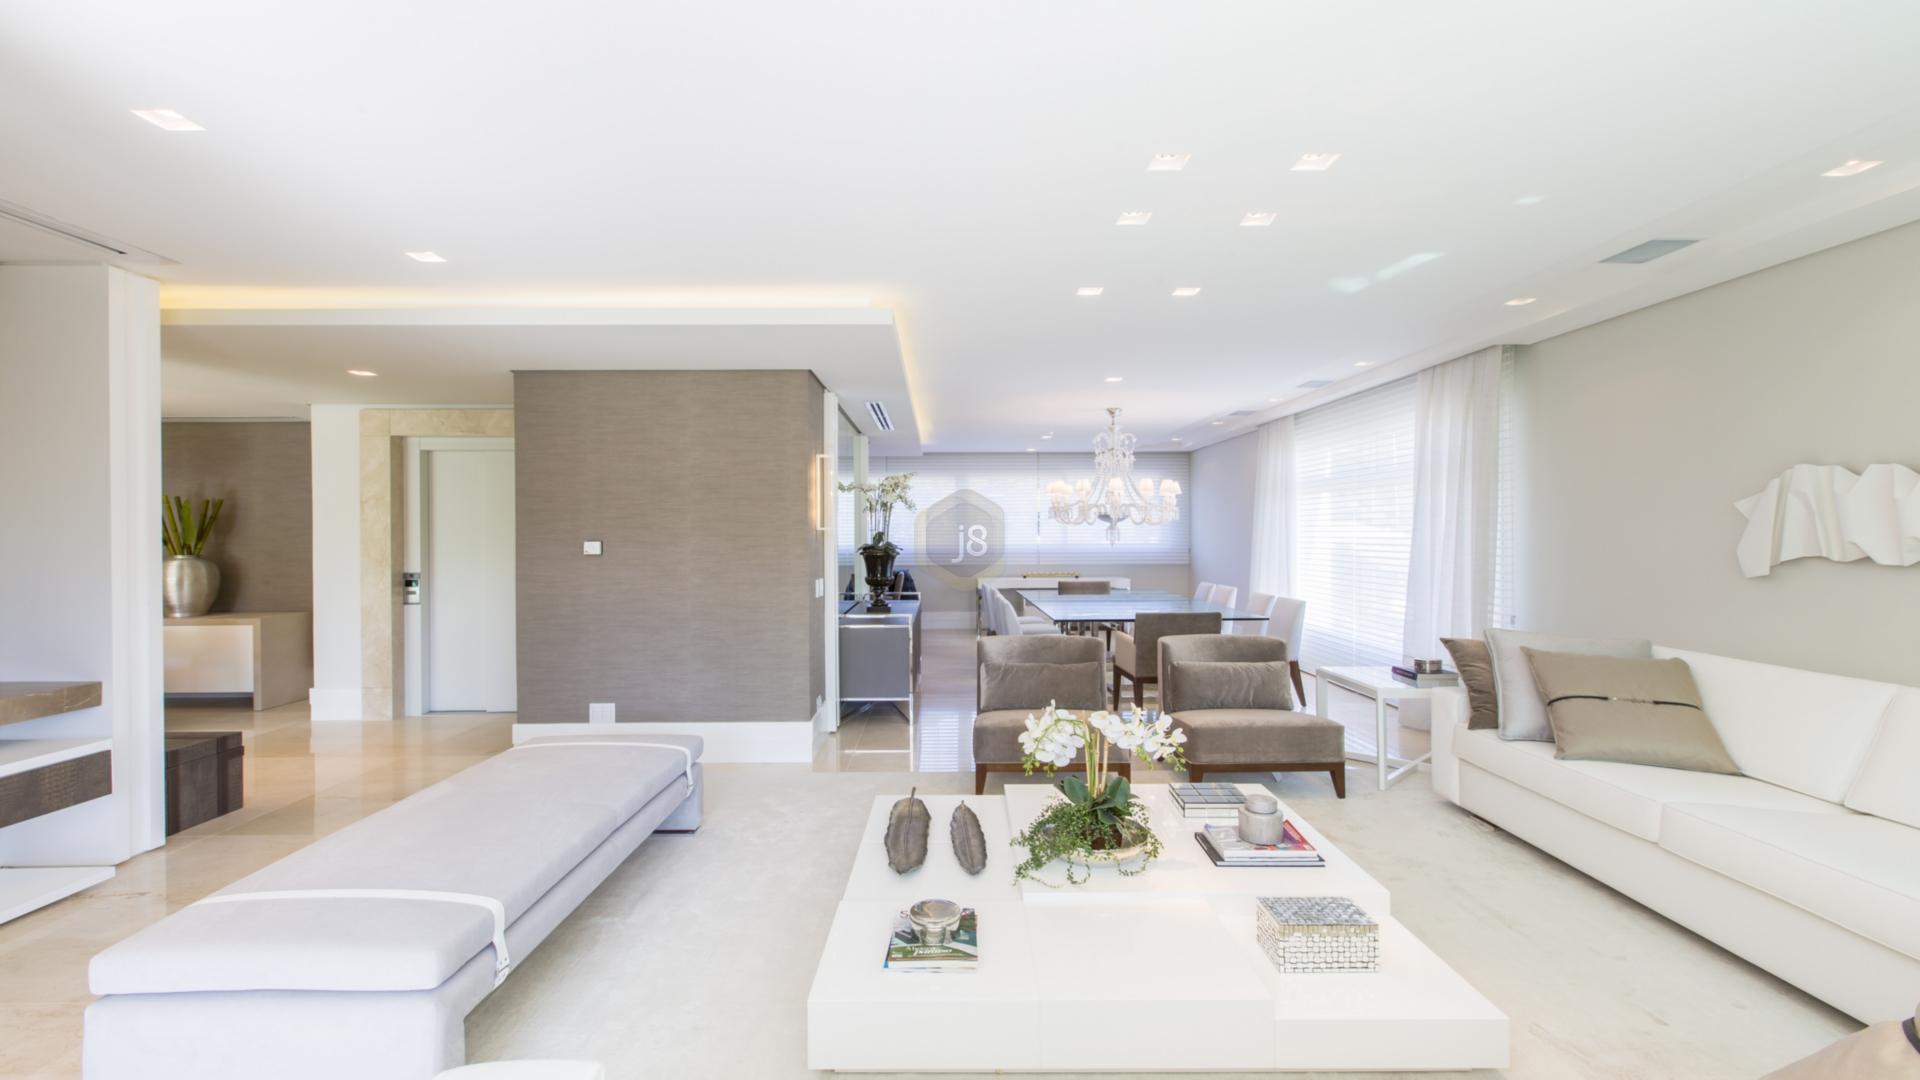 Apartamentos de 4 dormitórios à venda em Mossunguê, Curitiba - PR